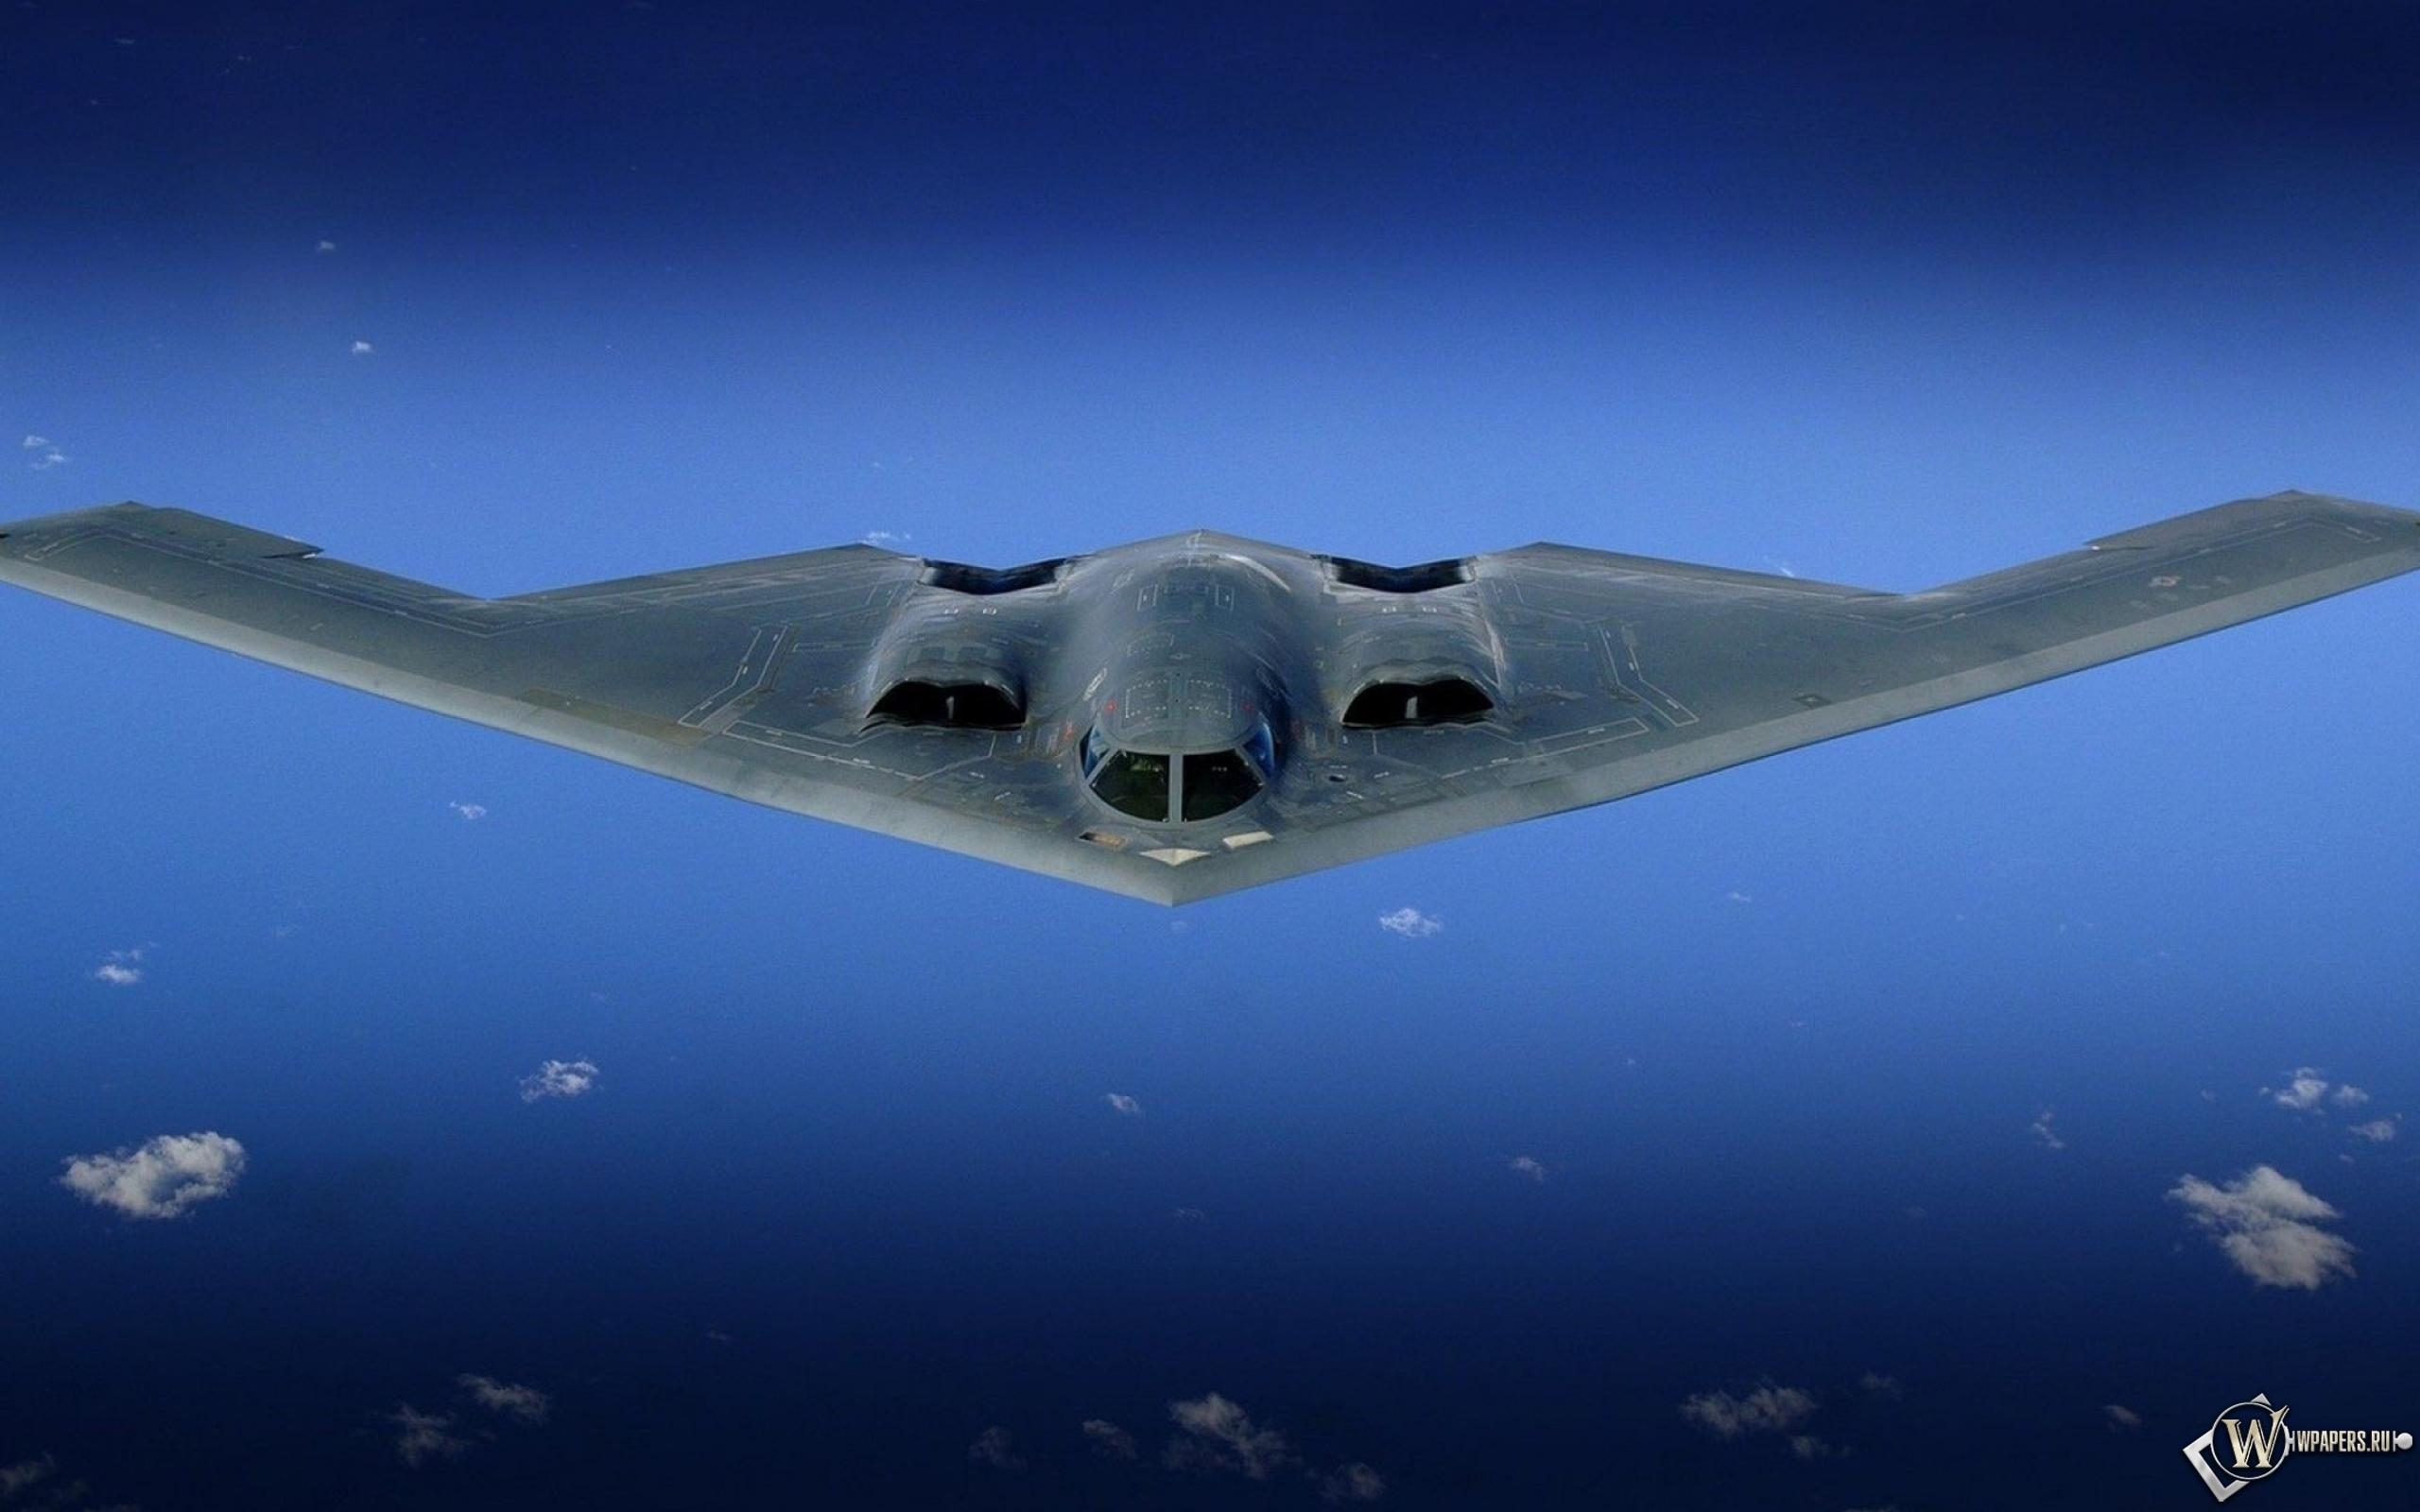 Обои стратегический, b-2 spirit, бомбардировщик, Northrop. Авиация foto 18